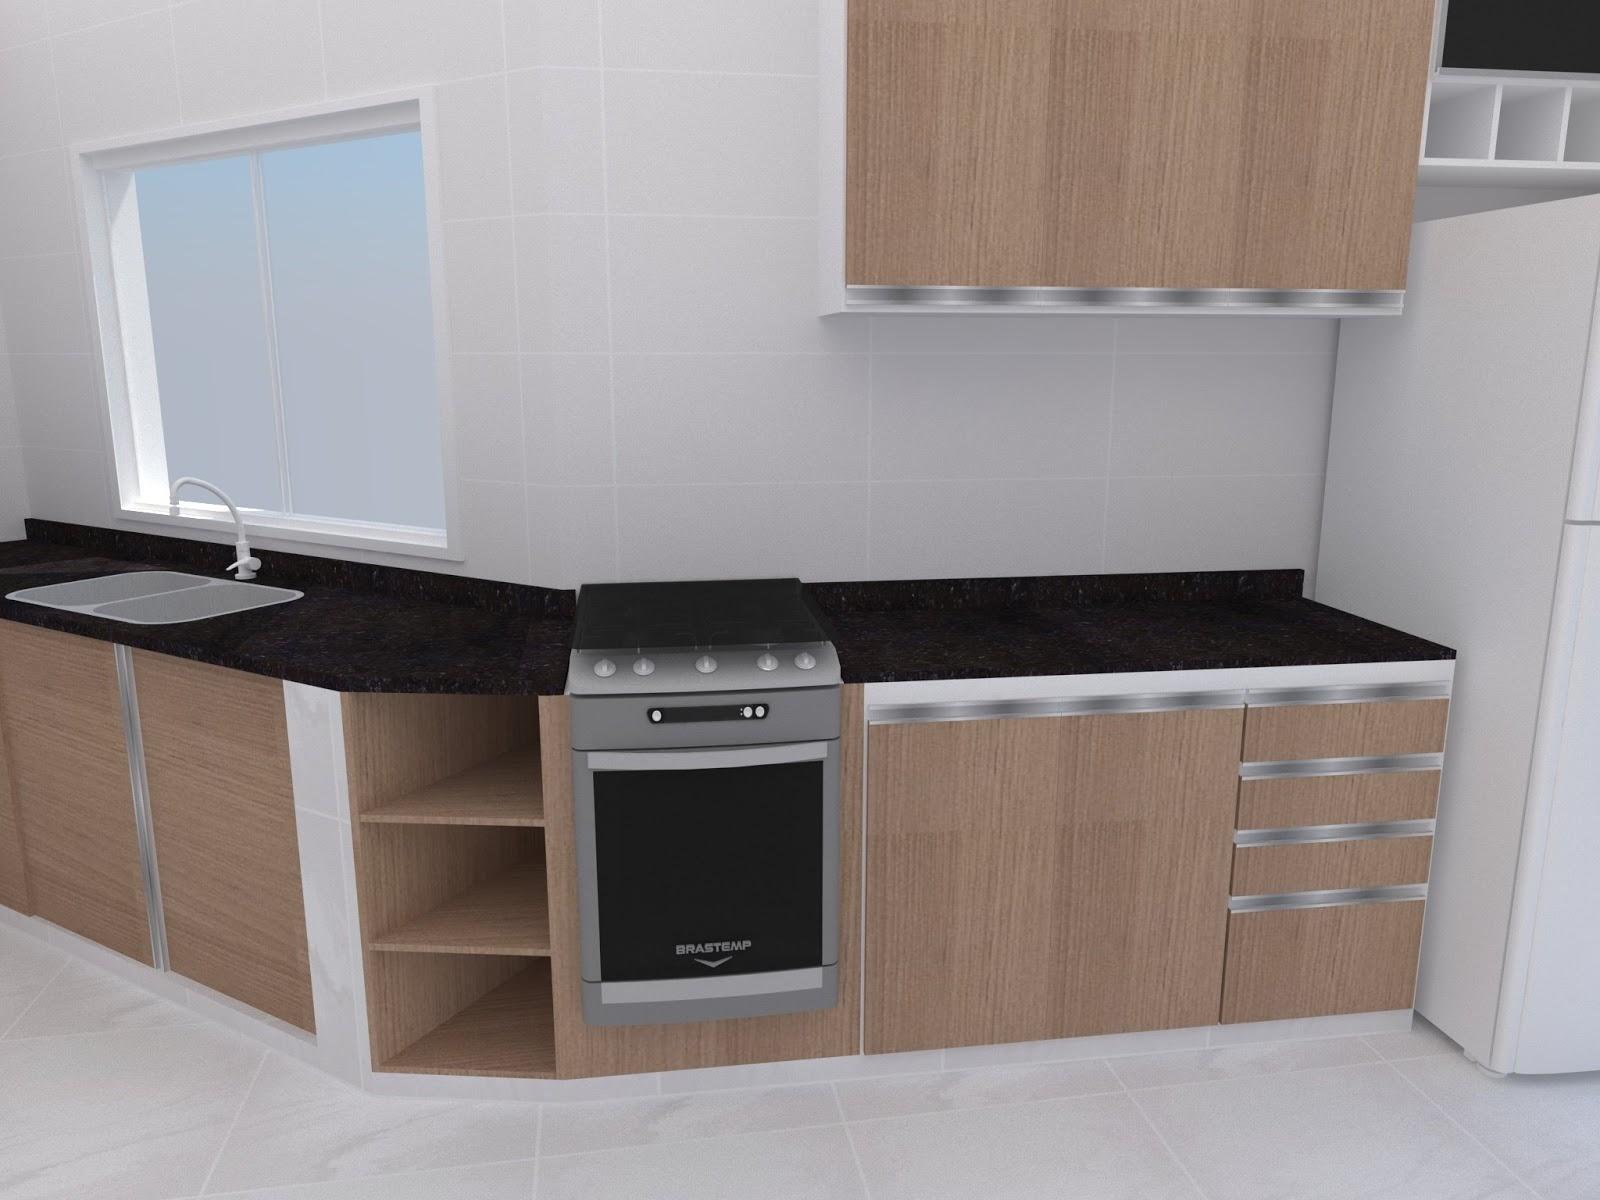 Wellington Designer Interiores: Projeto Residencial de Cozinha #486683 1600 1200